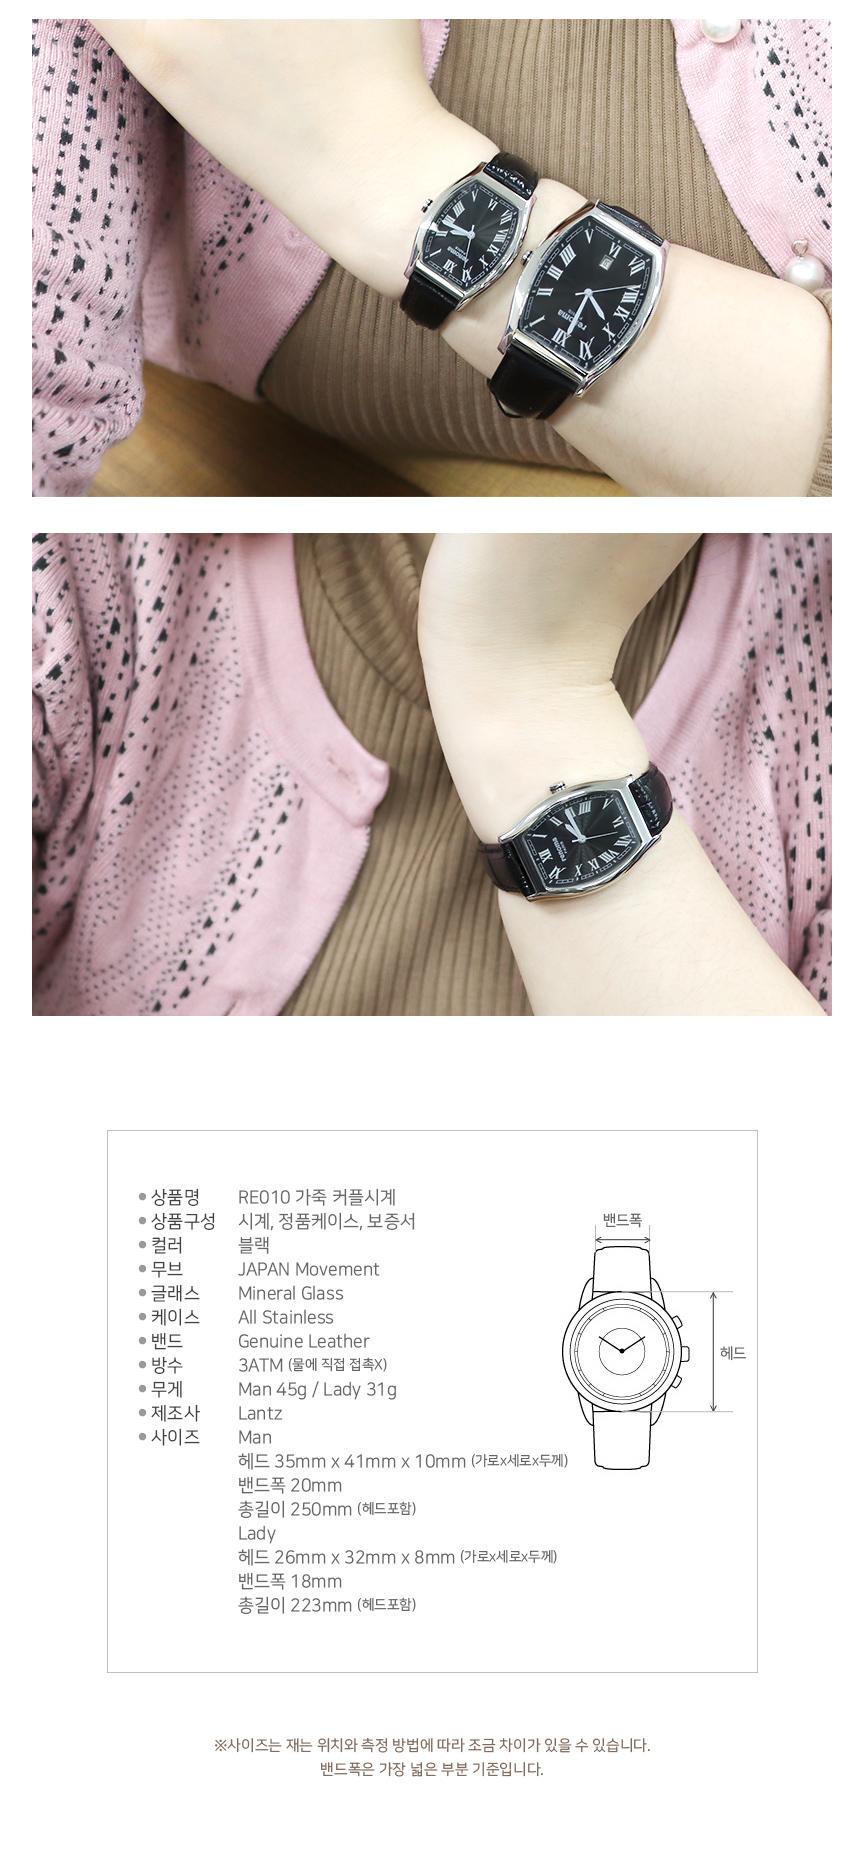 RE010 커플가죽시계/본사직영/본사AS - 란쯔, 148,000원, 시계세트, 커플시계